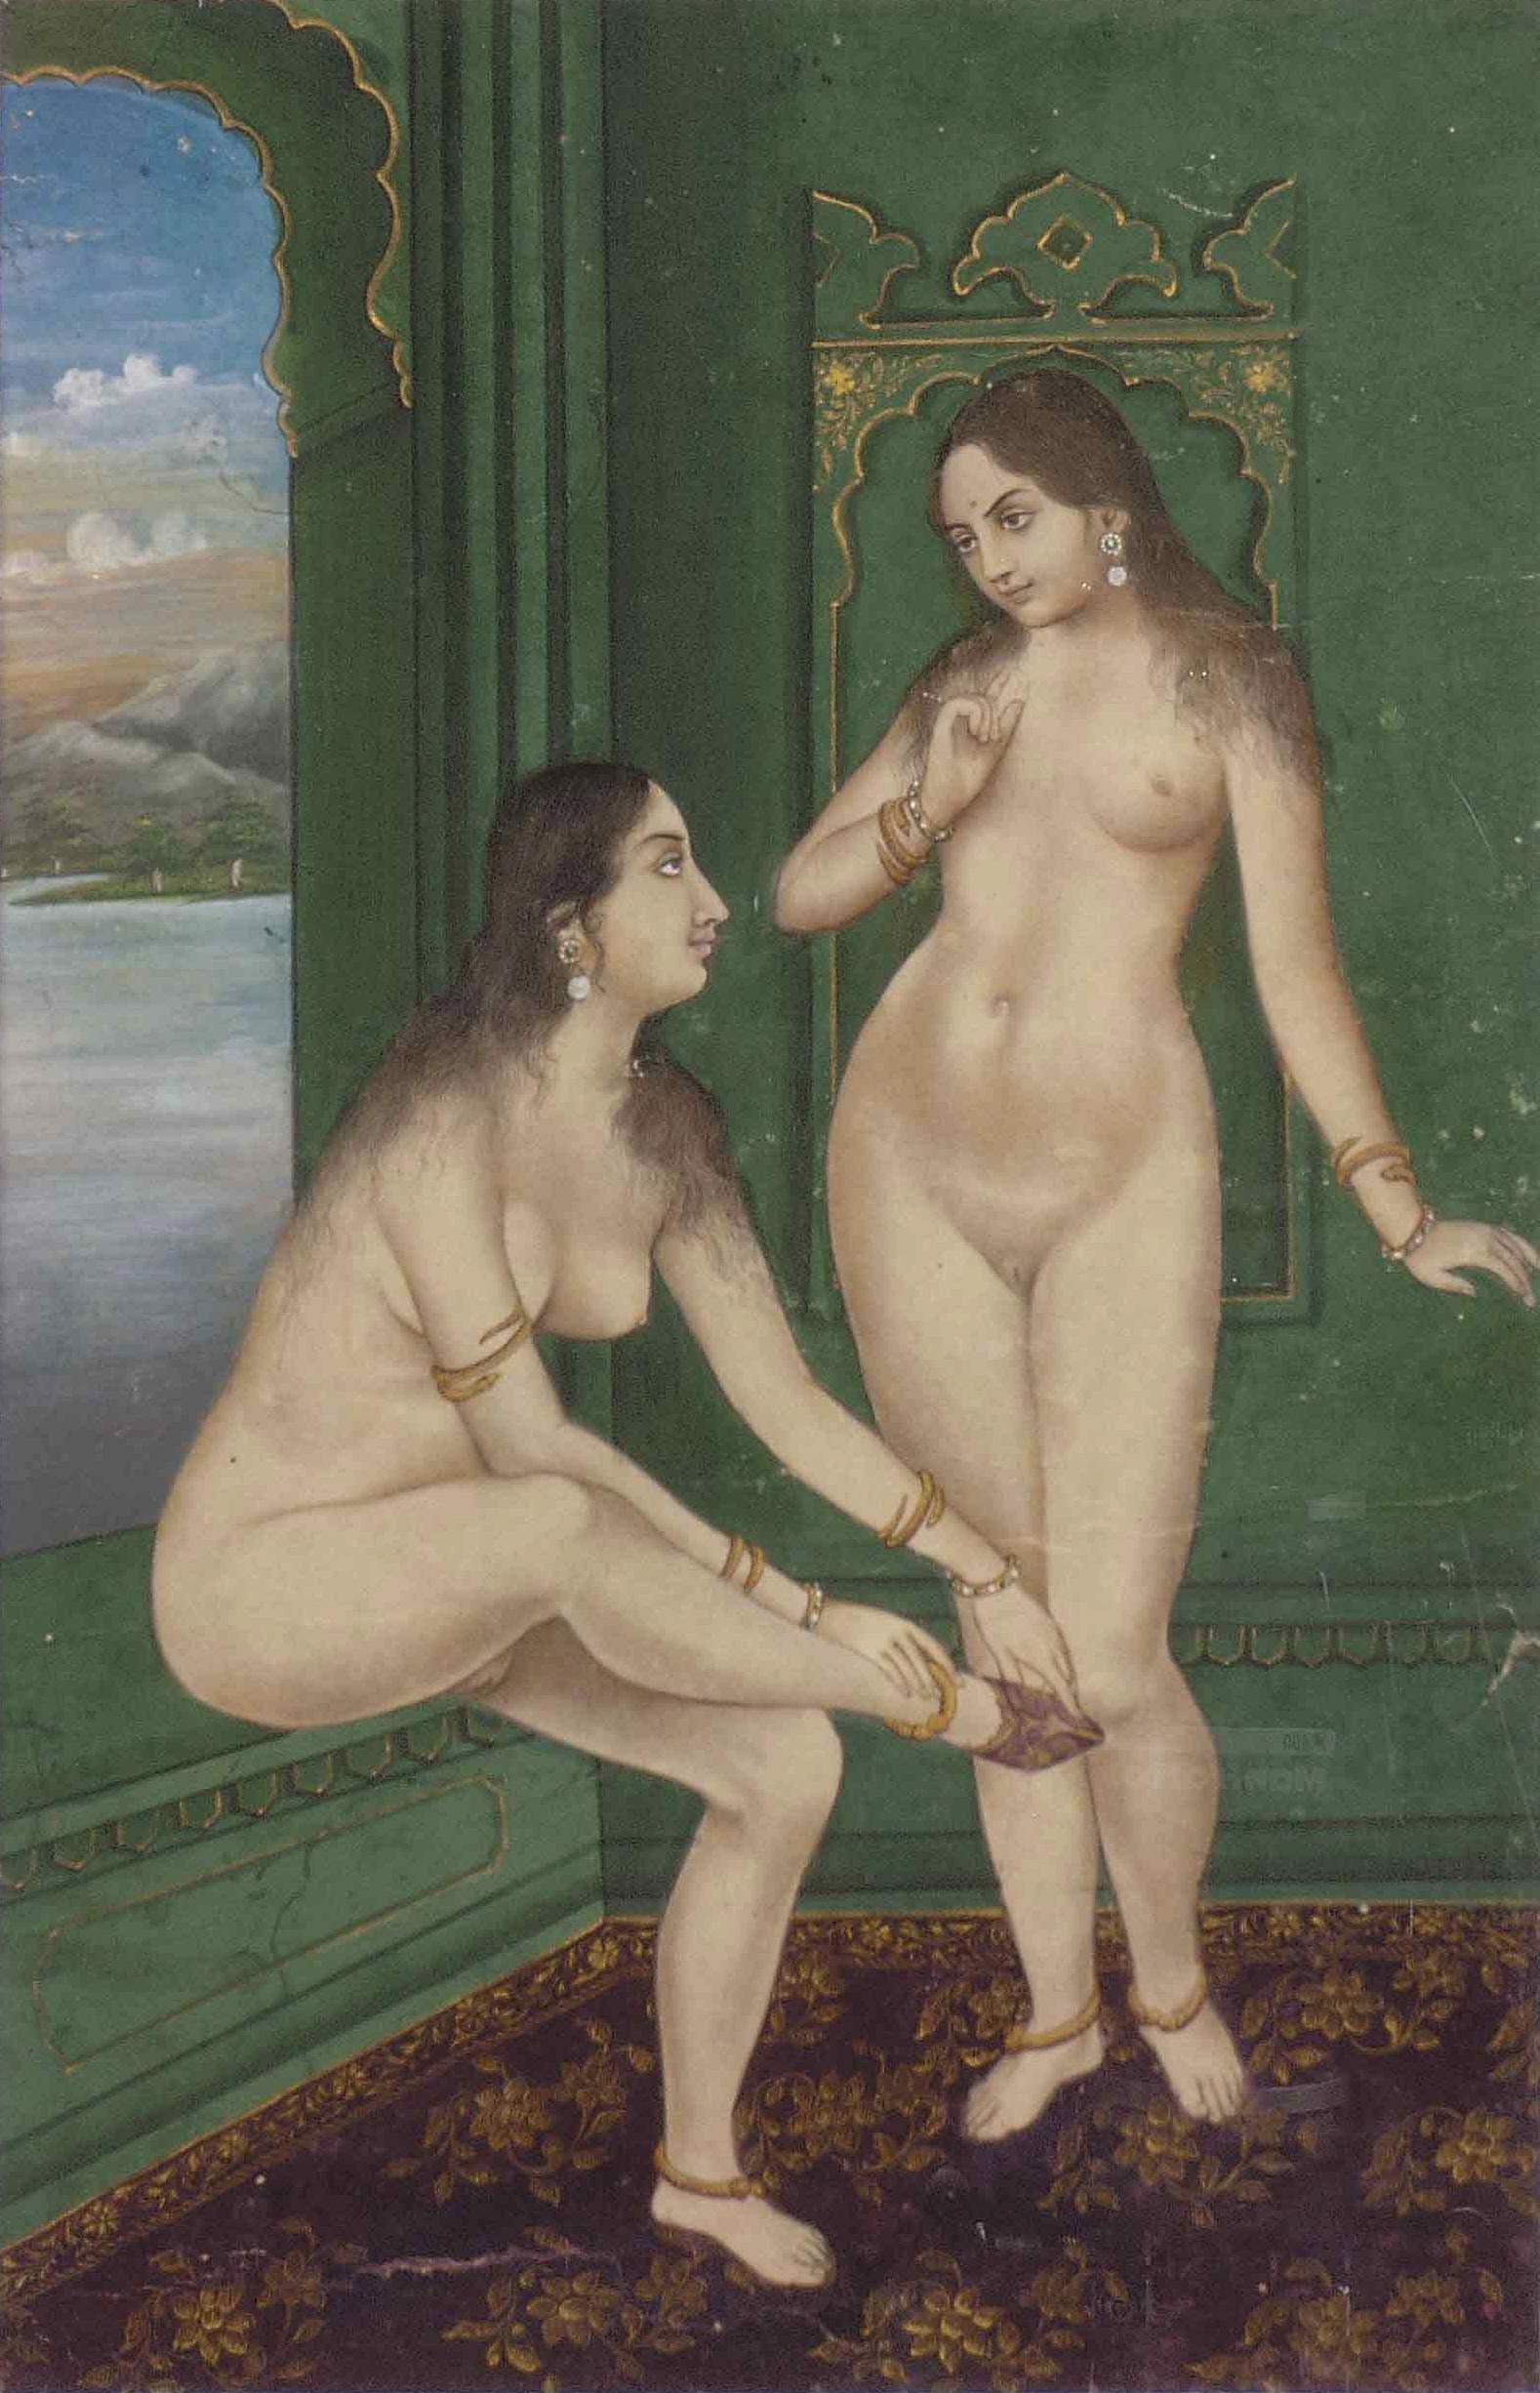 Henry and june lesbian scene